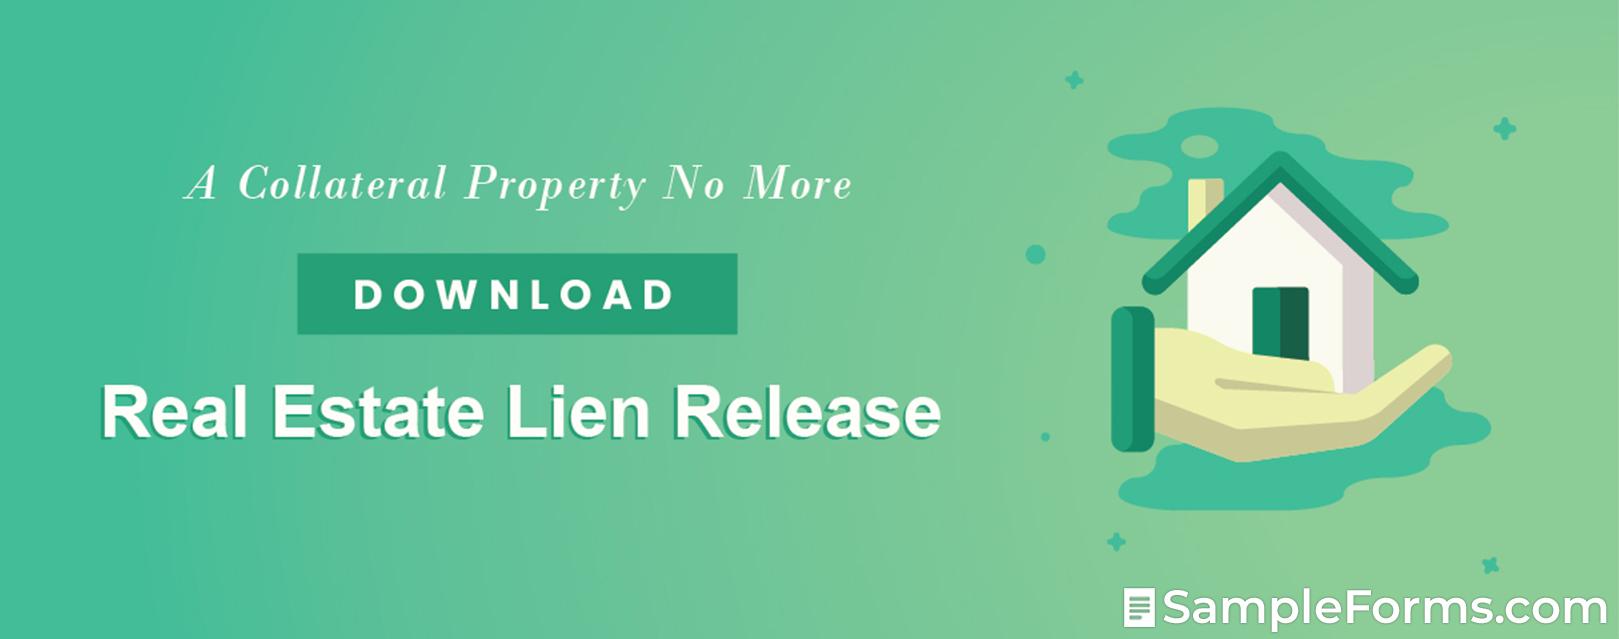 Real Estate Lien Release